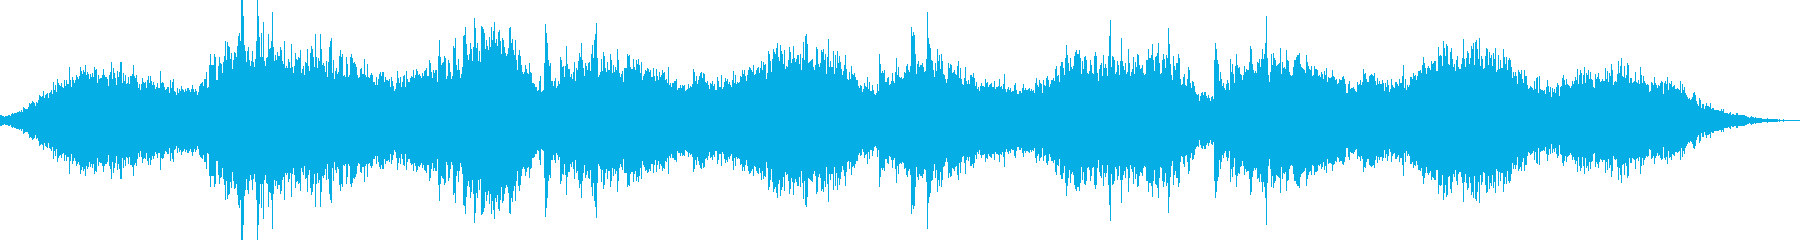 エレクトロニック サスペンス 環境...の再生済みの波形